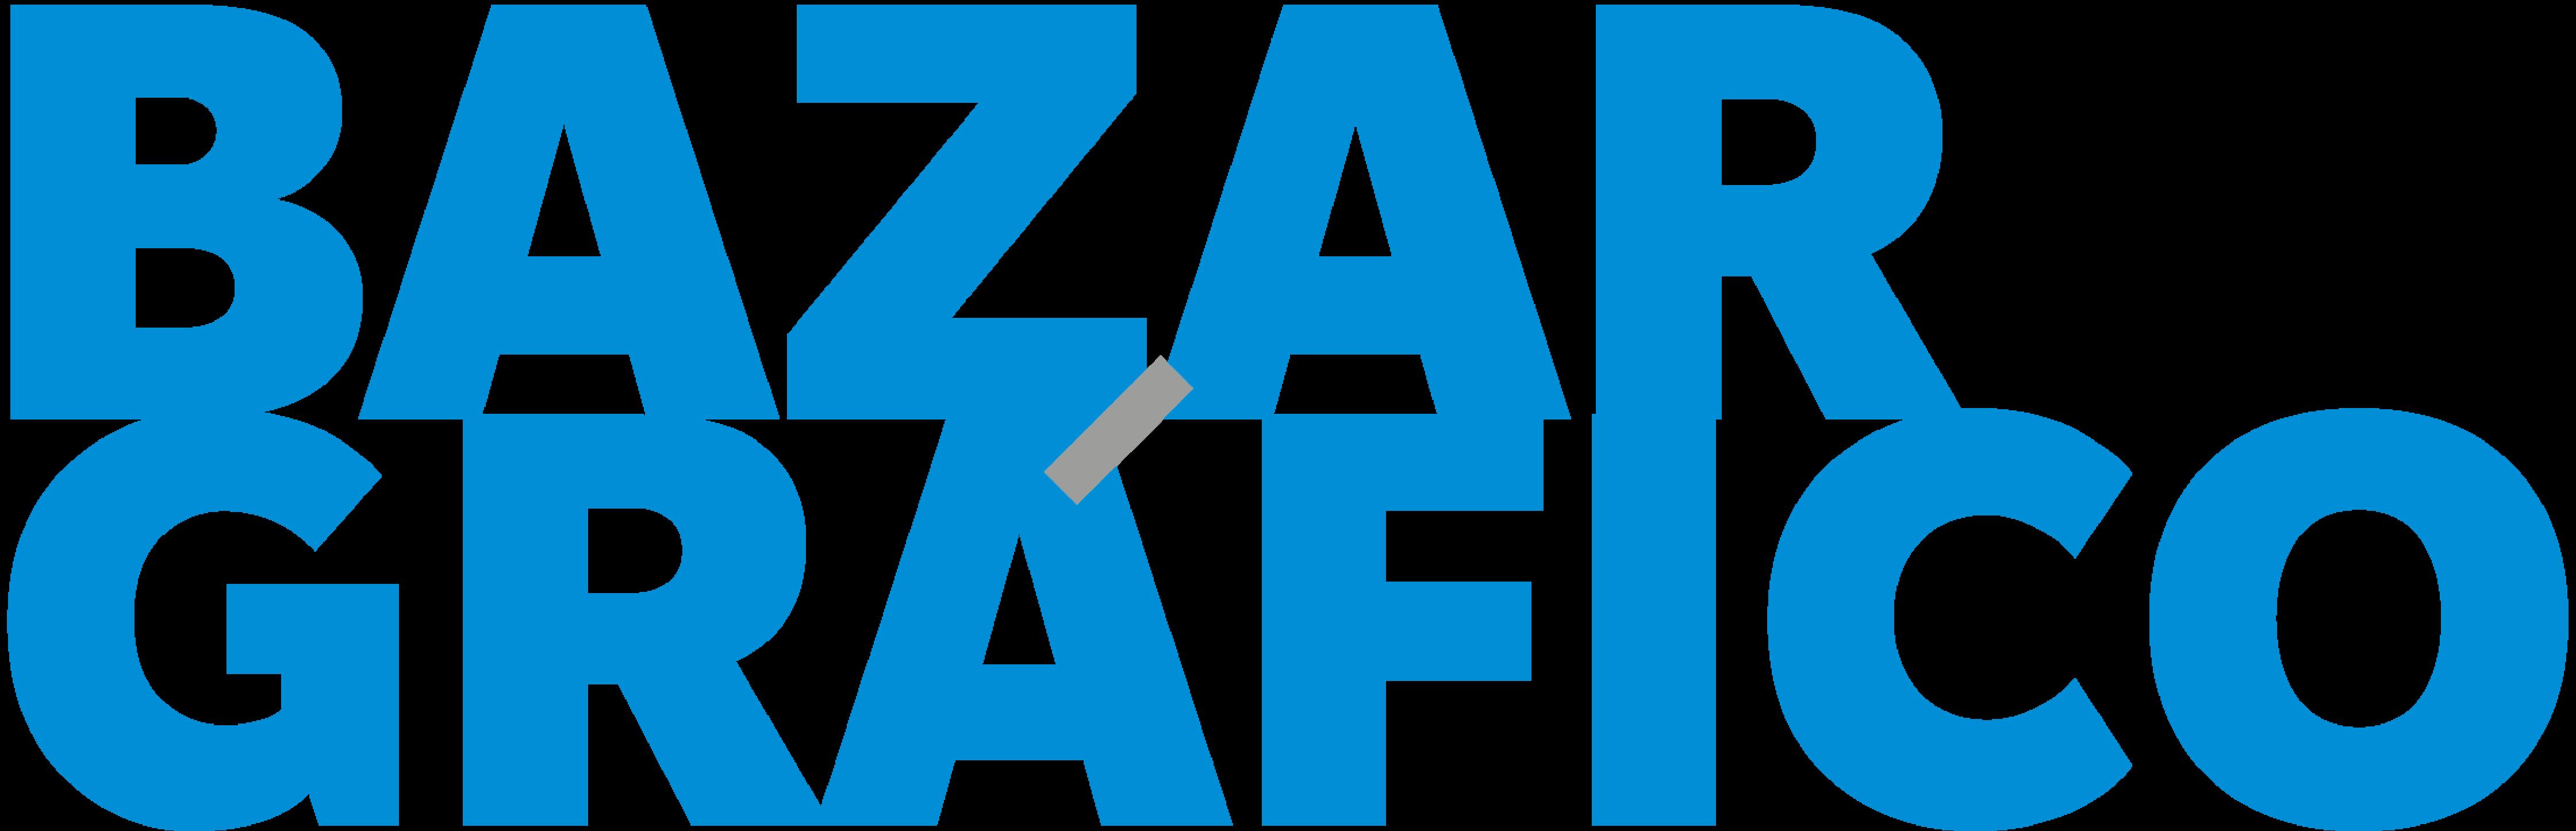 logo-2020-bazar